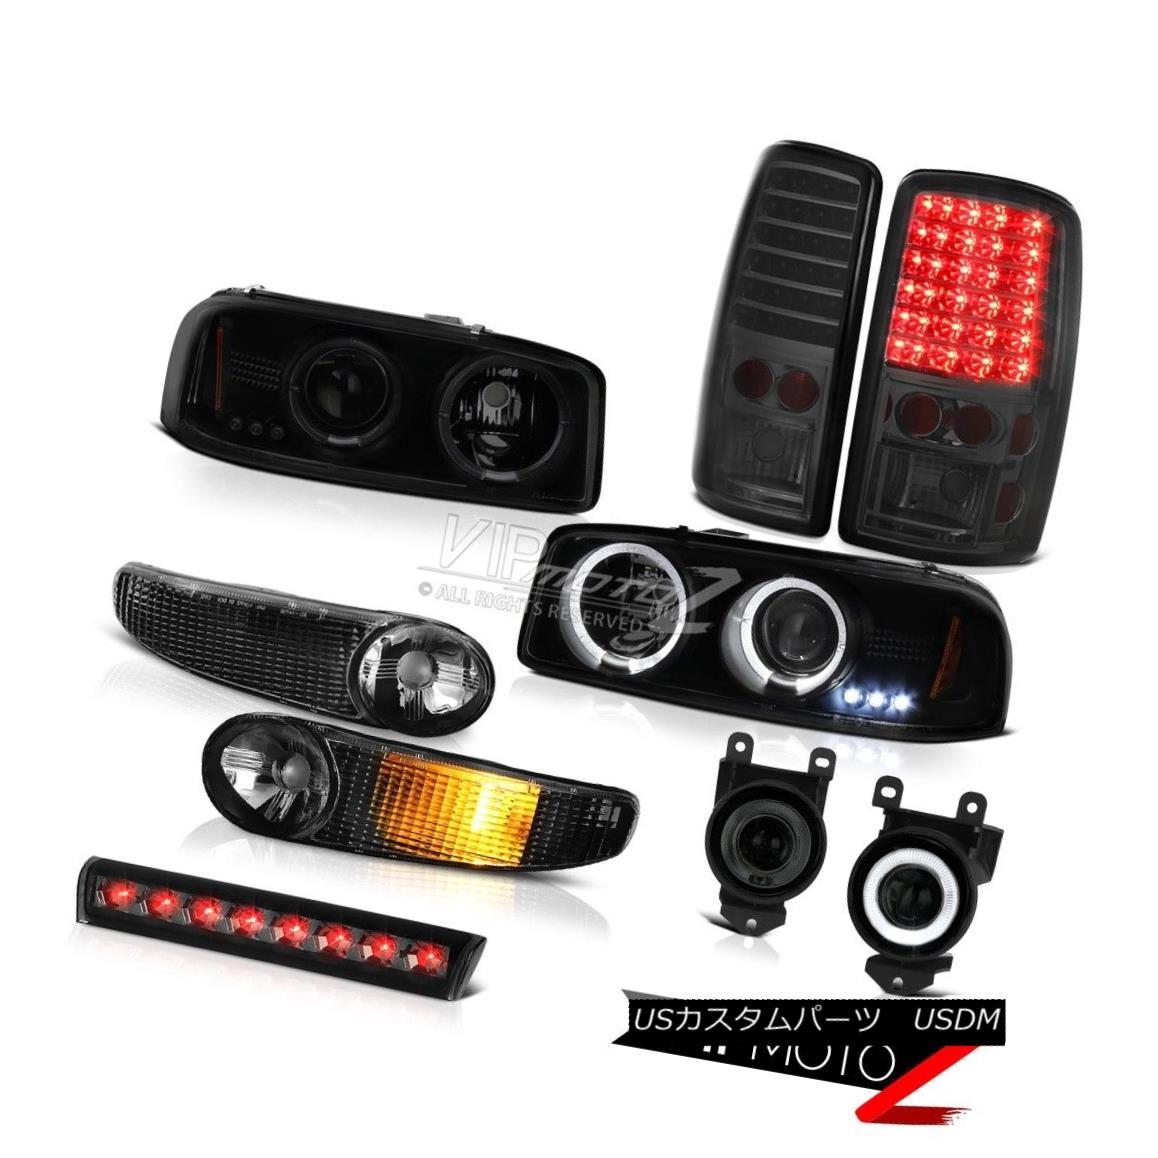 テールライト LED Headlights Signal Brake Lights Foglight High Stop 01 02 03 04 05 06 Yukon LEDヘッドライト信号ブレーキライトFoglightハイストップ01 02 03 04 05 06ユーコン